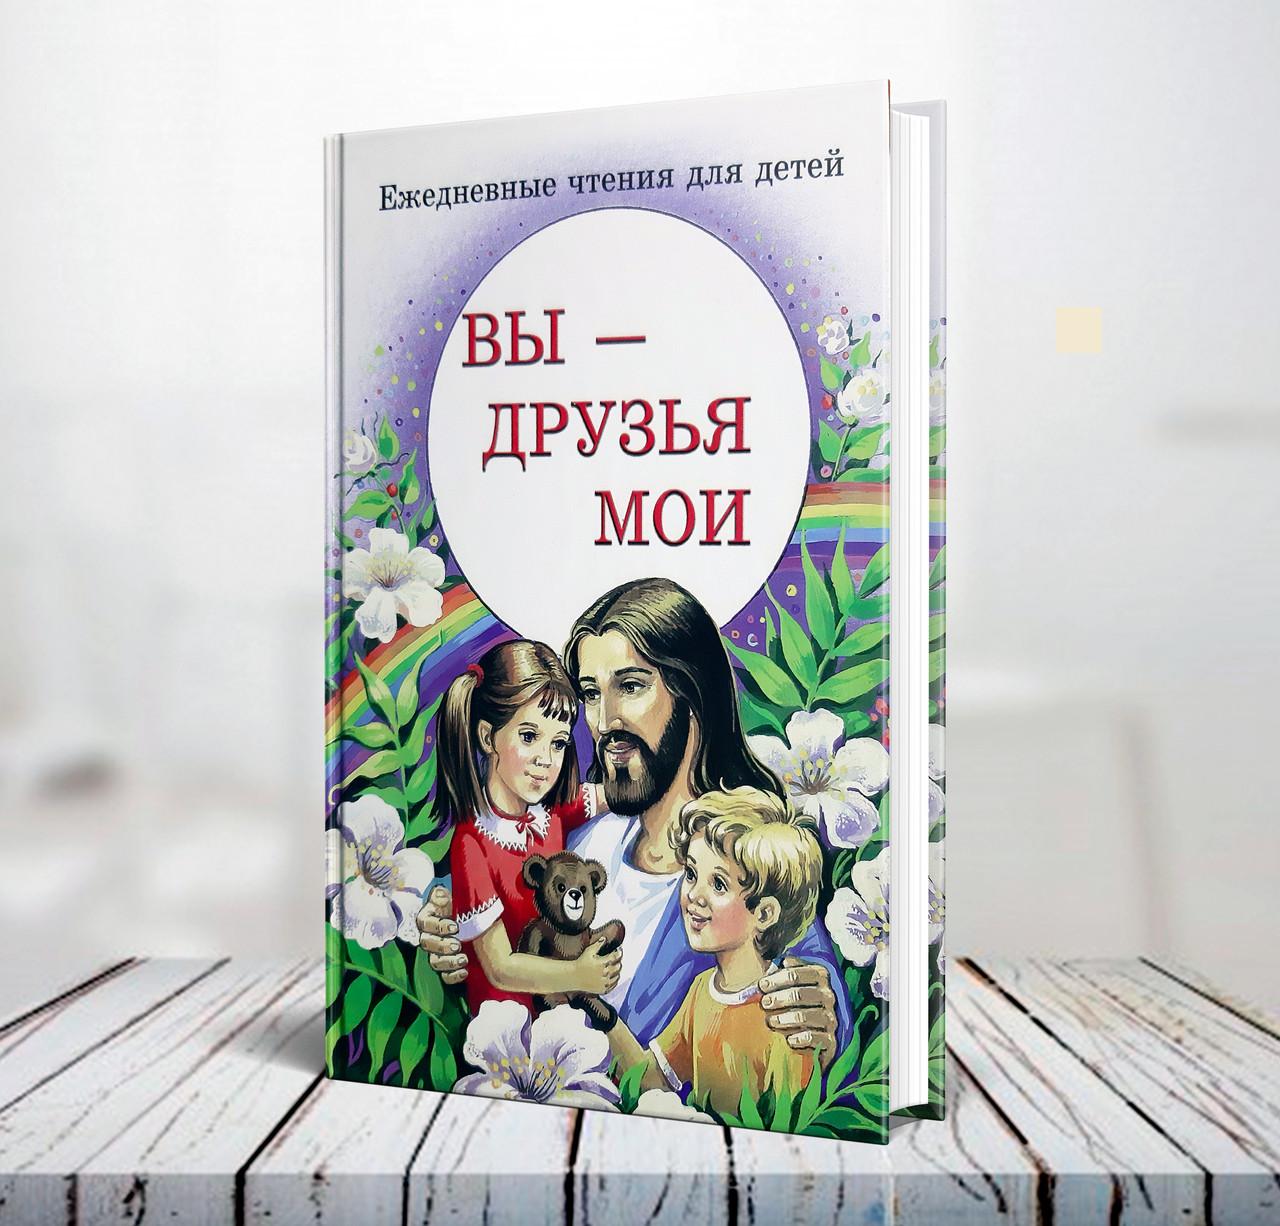 Вы – друзья Мои. Ежедневные чтения для детей